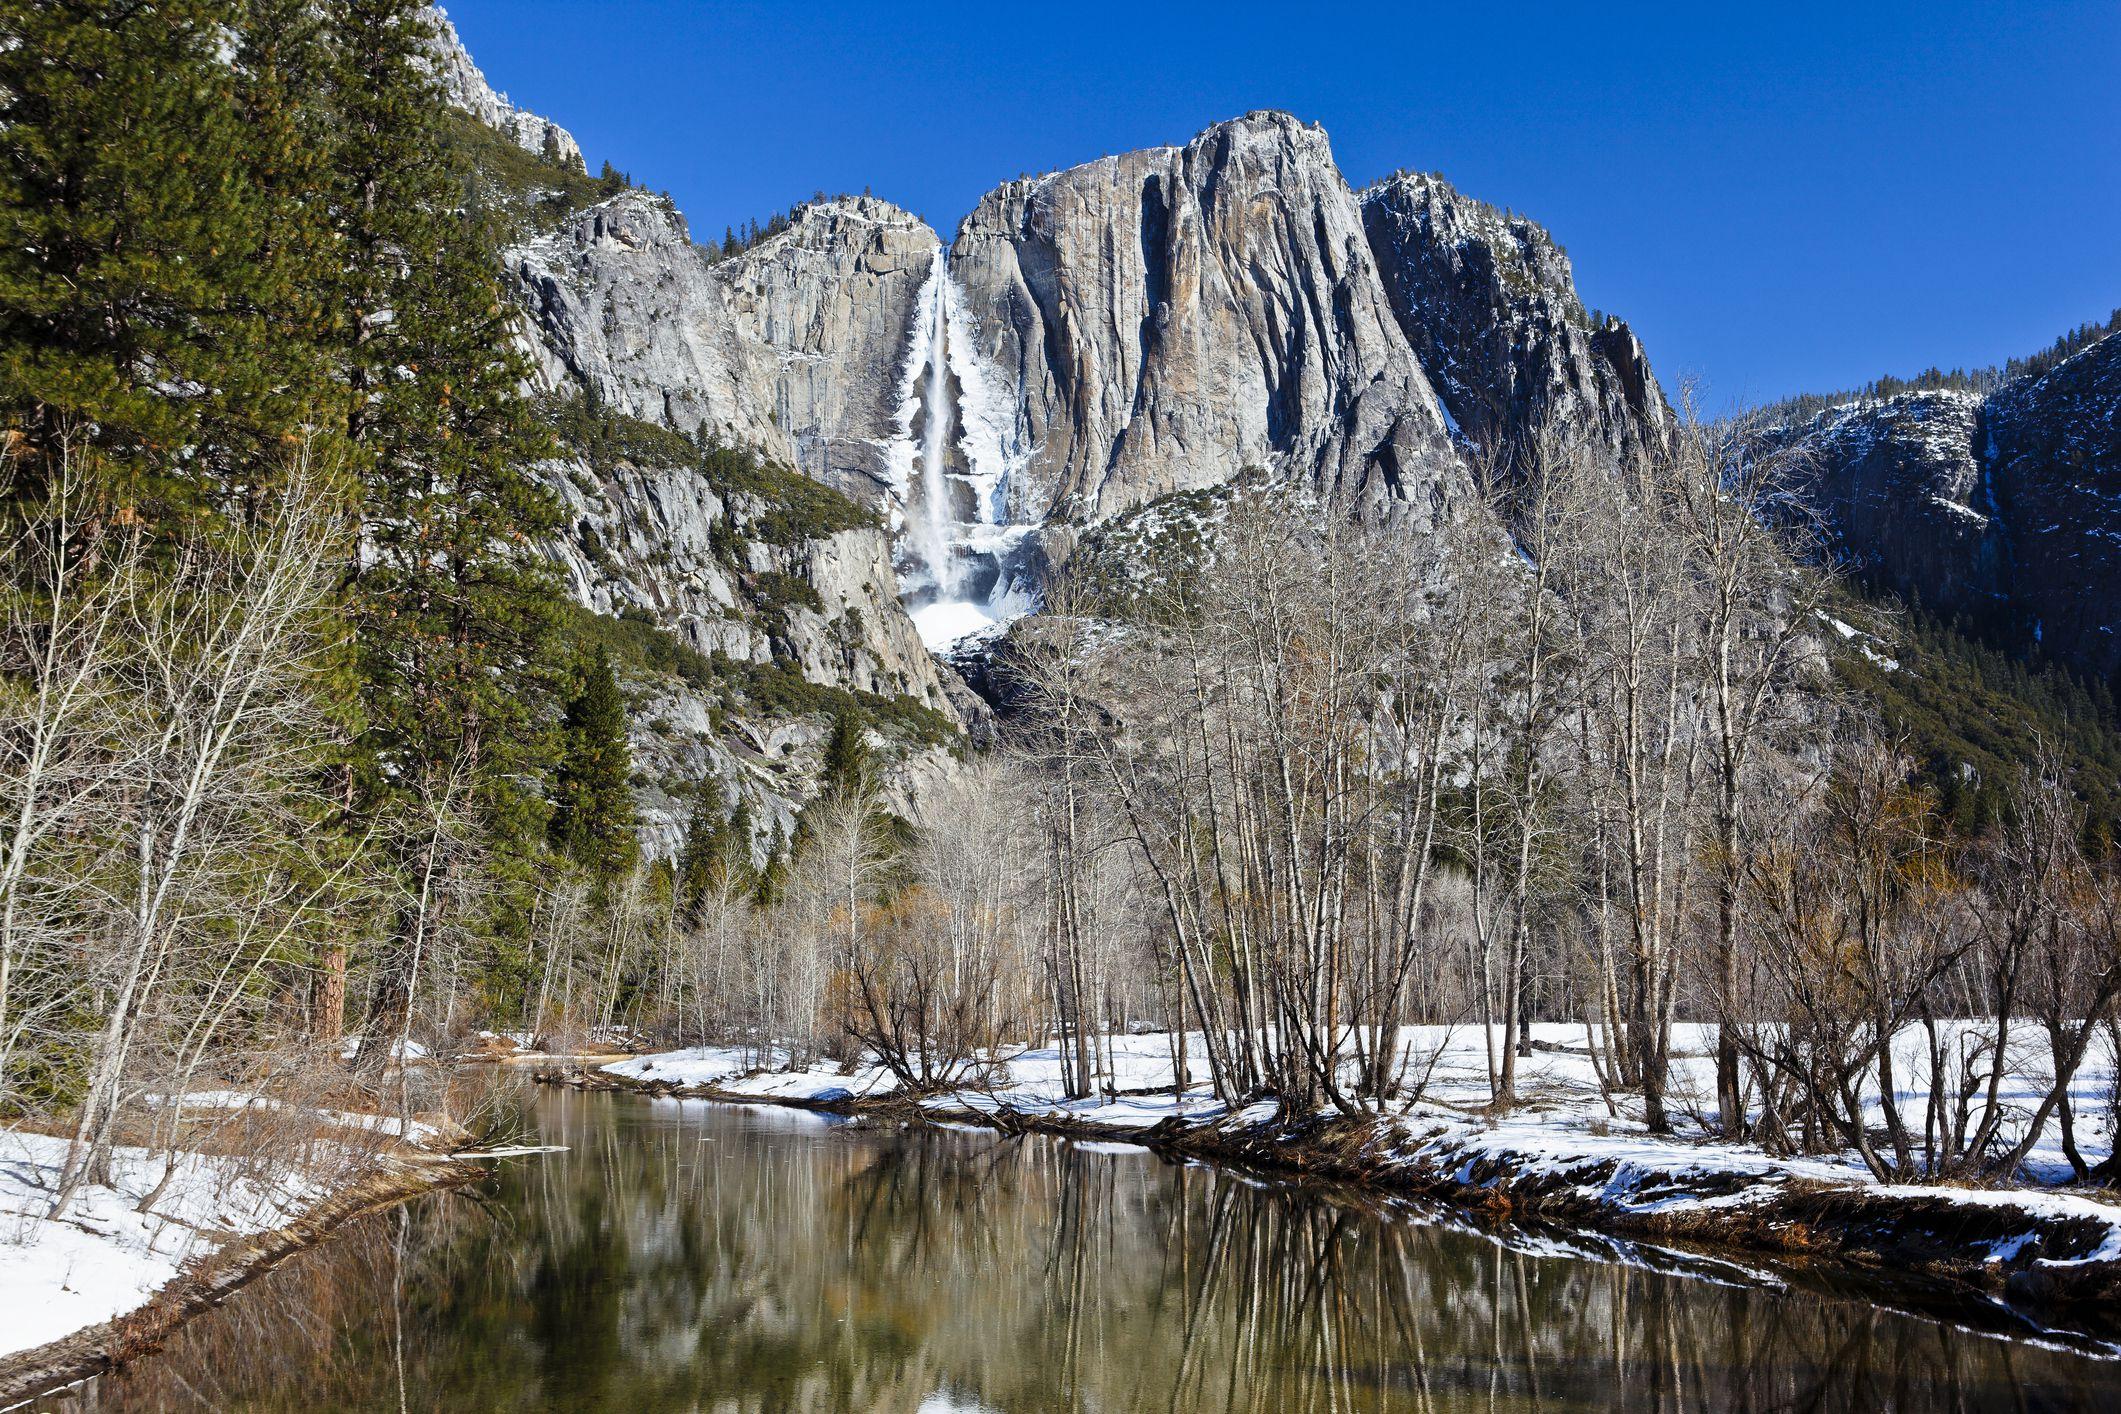 Merced River and Yosemite Falls in Winter, Yosemite National Park, California